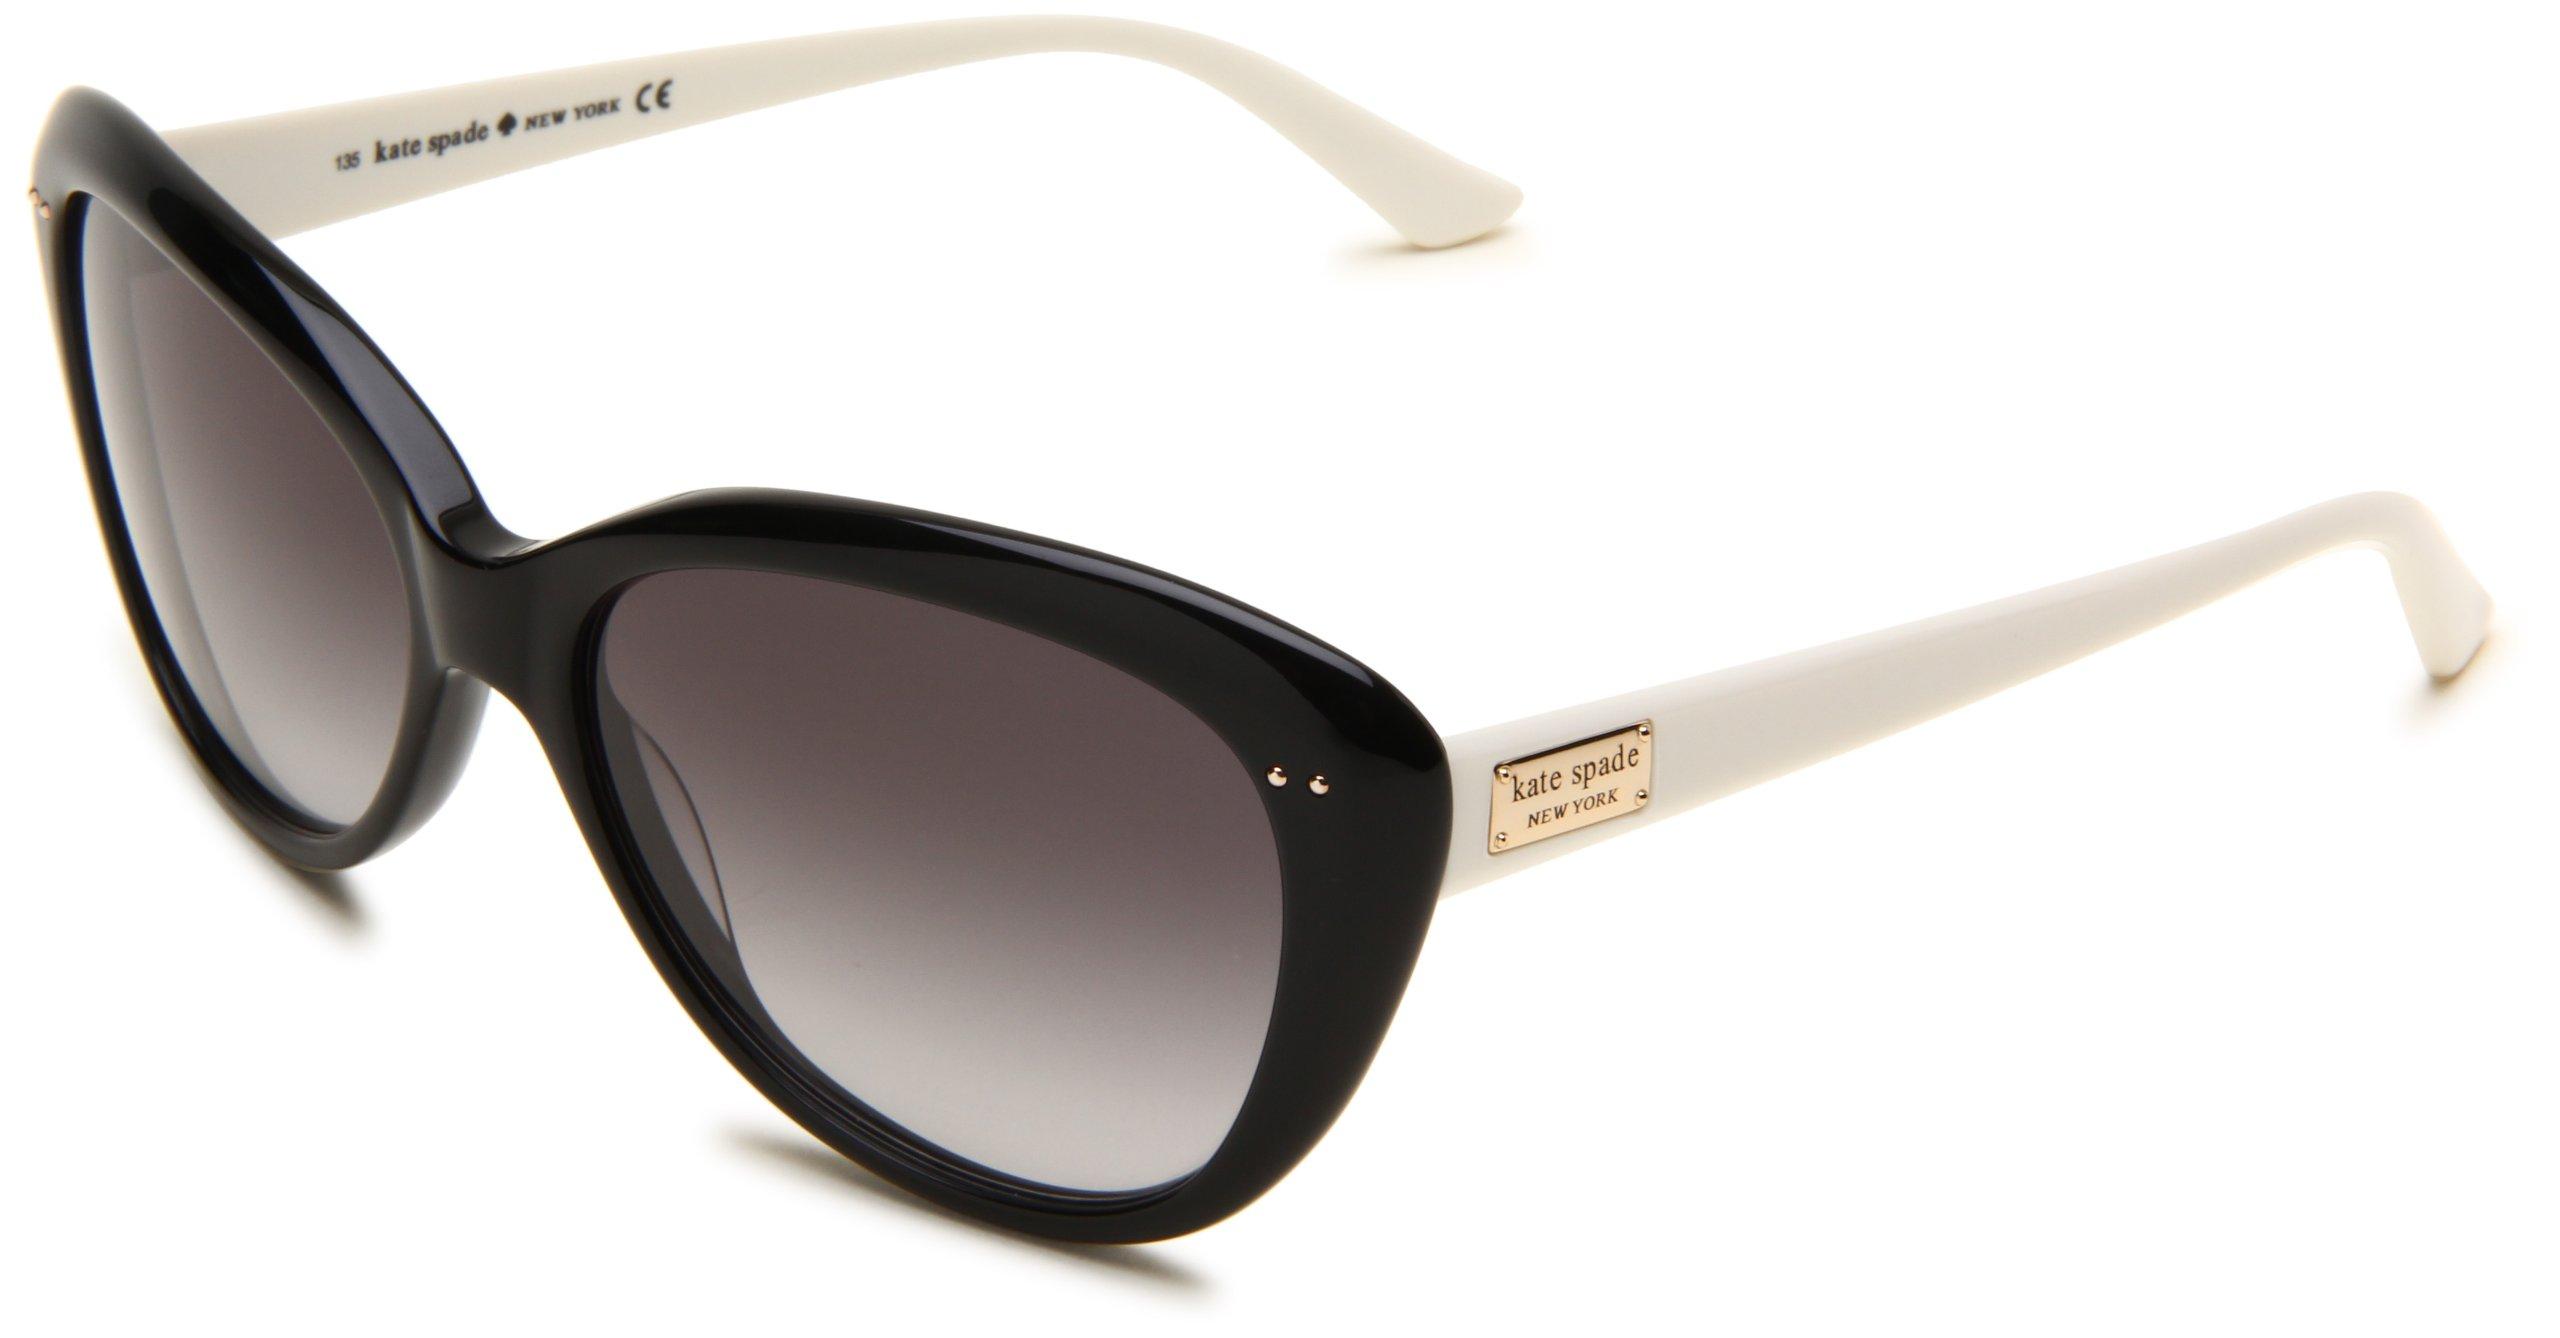 e5902ef21a Get Quotations · Kate Spade New York Angelique Cat-Eye Sunglasses